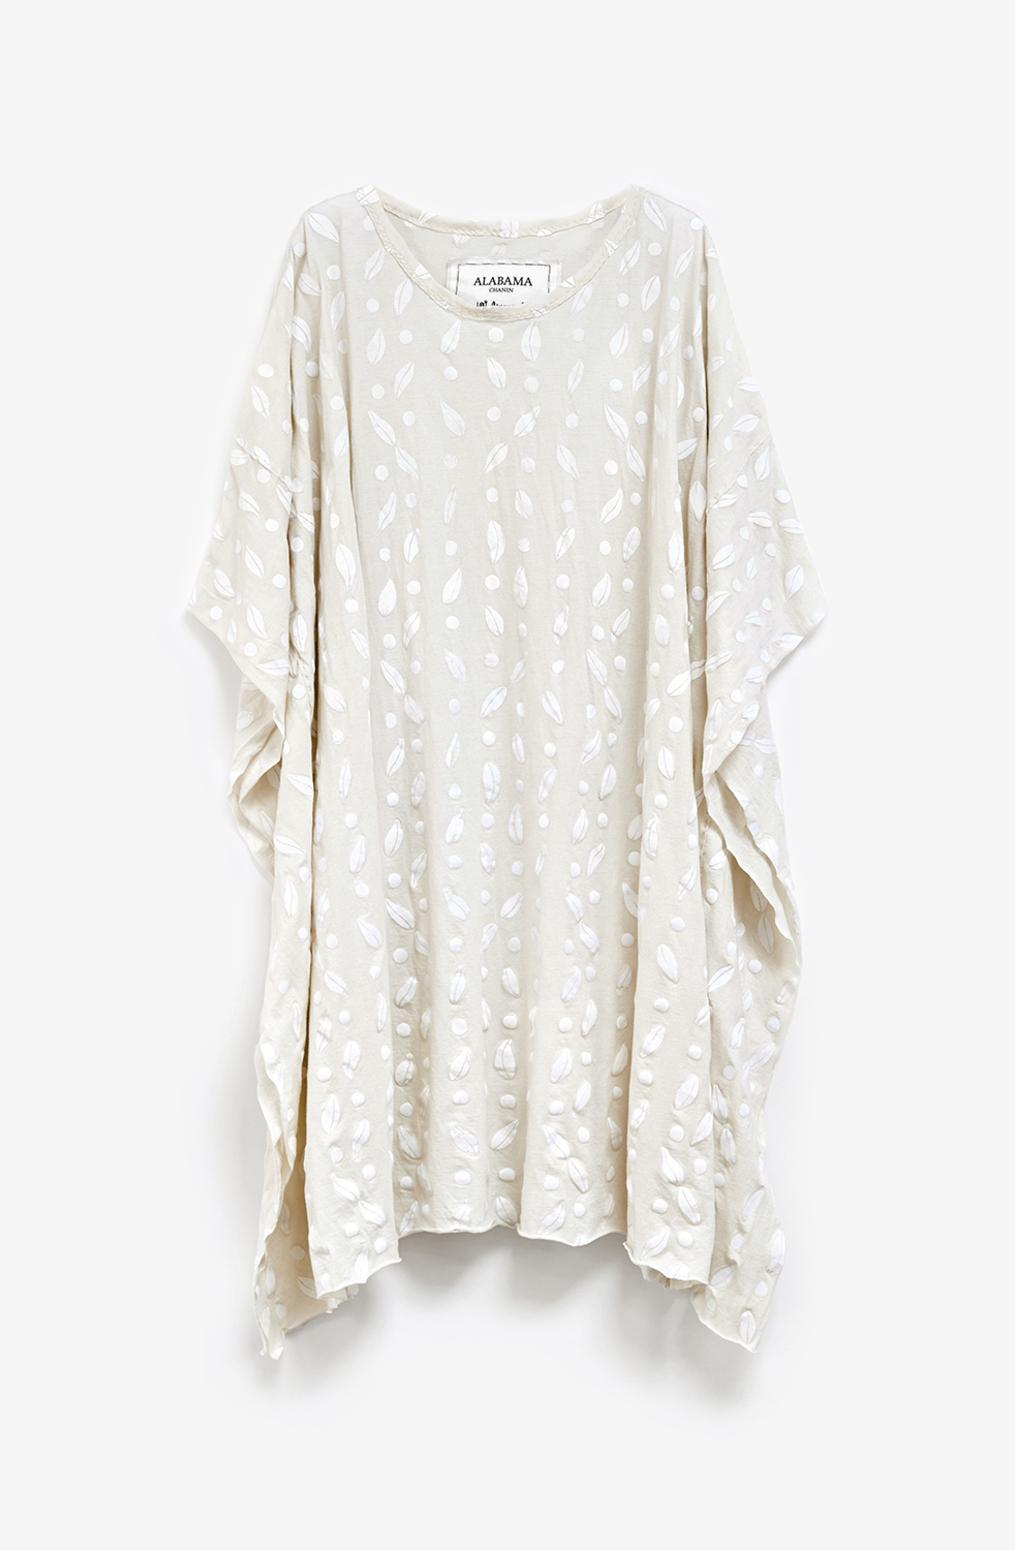 Alabama chanin womens caftan cotton dress 4